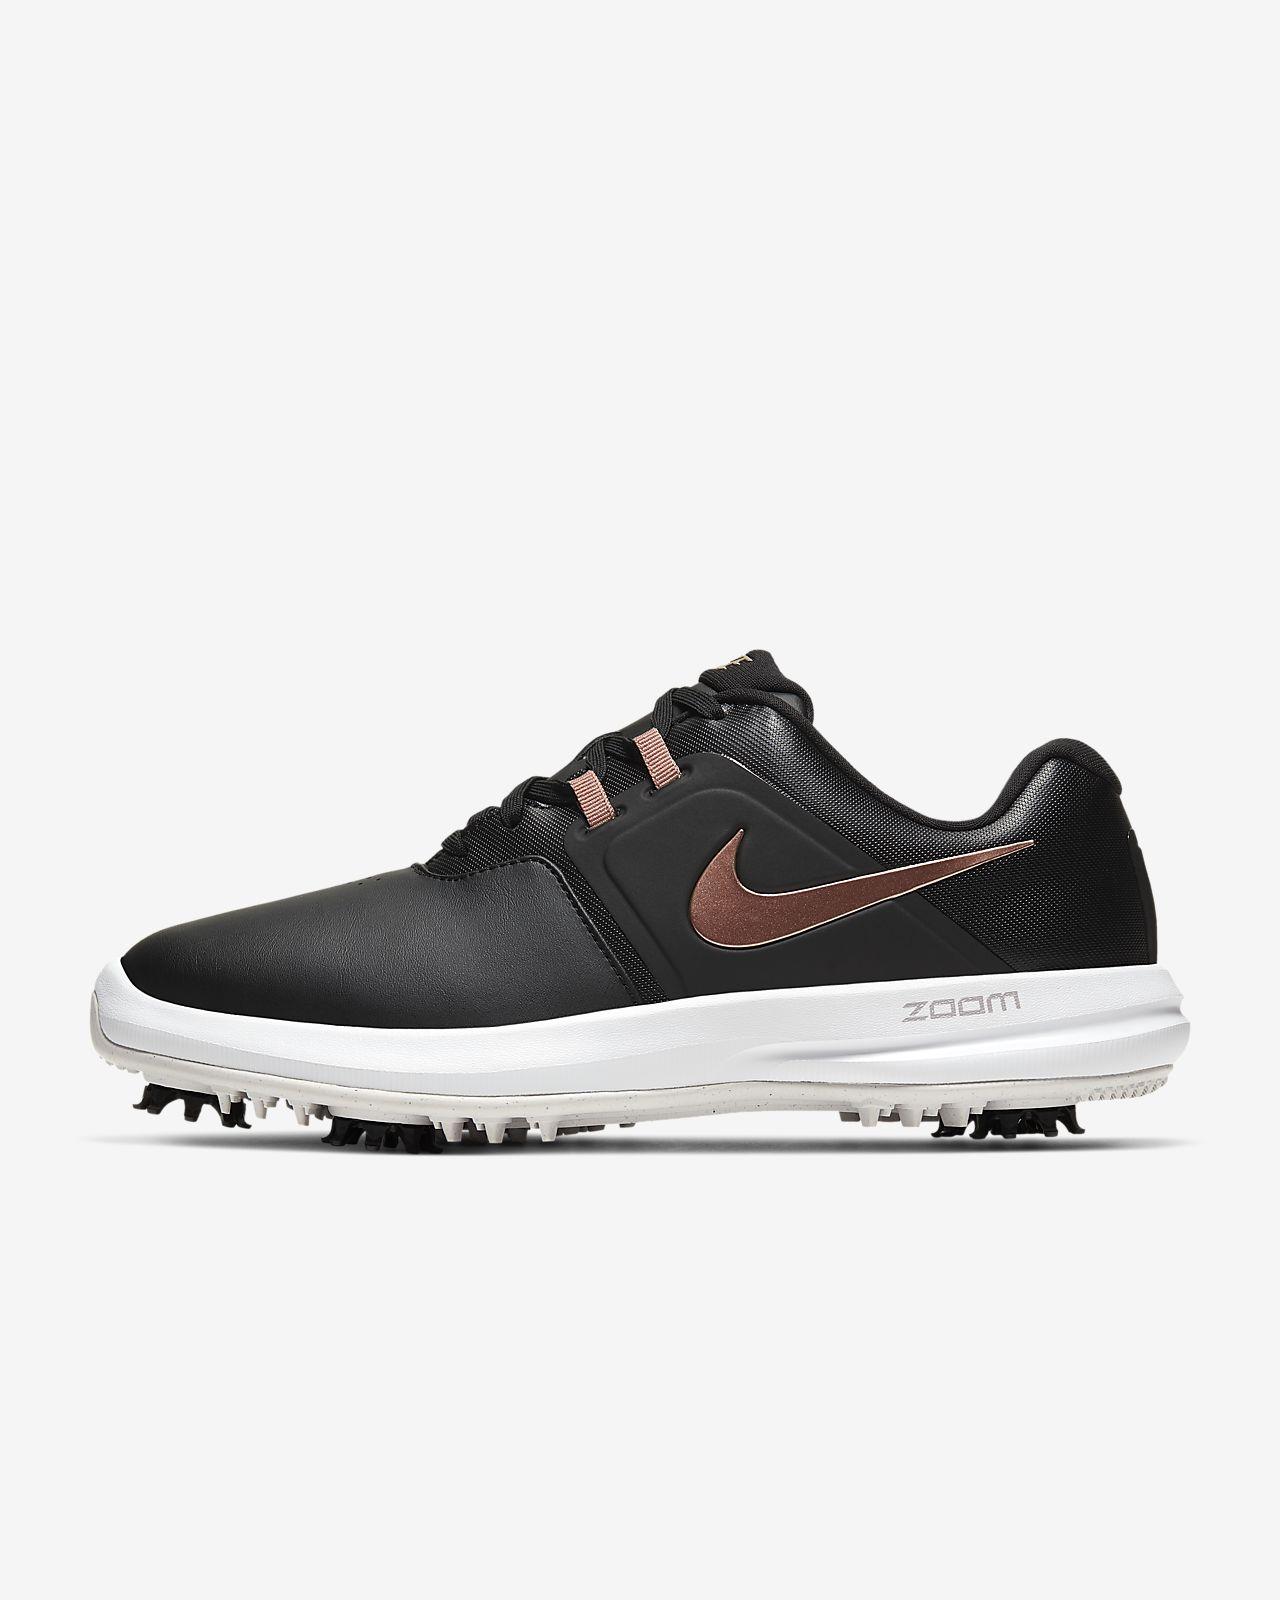 Dámská golfová bota Nike Air Zoom Victory